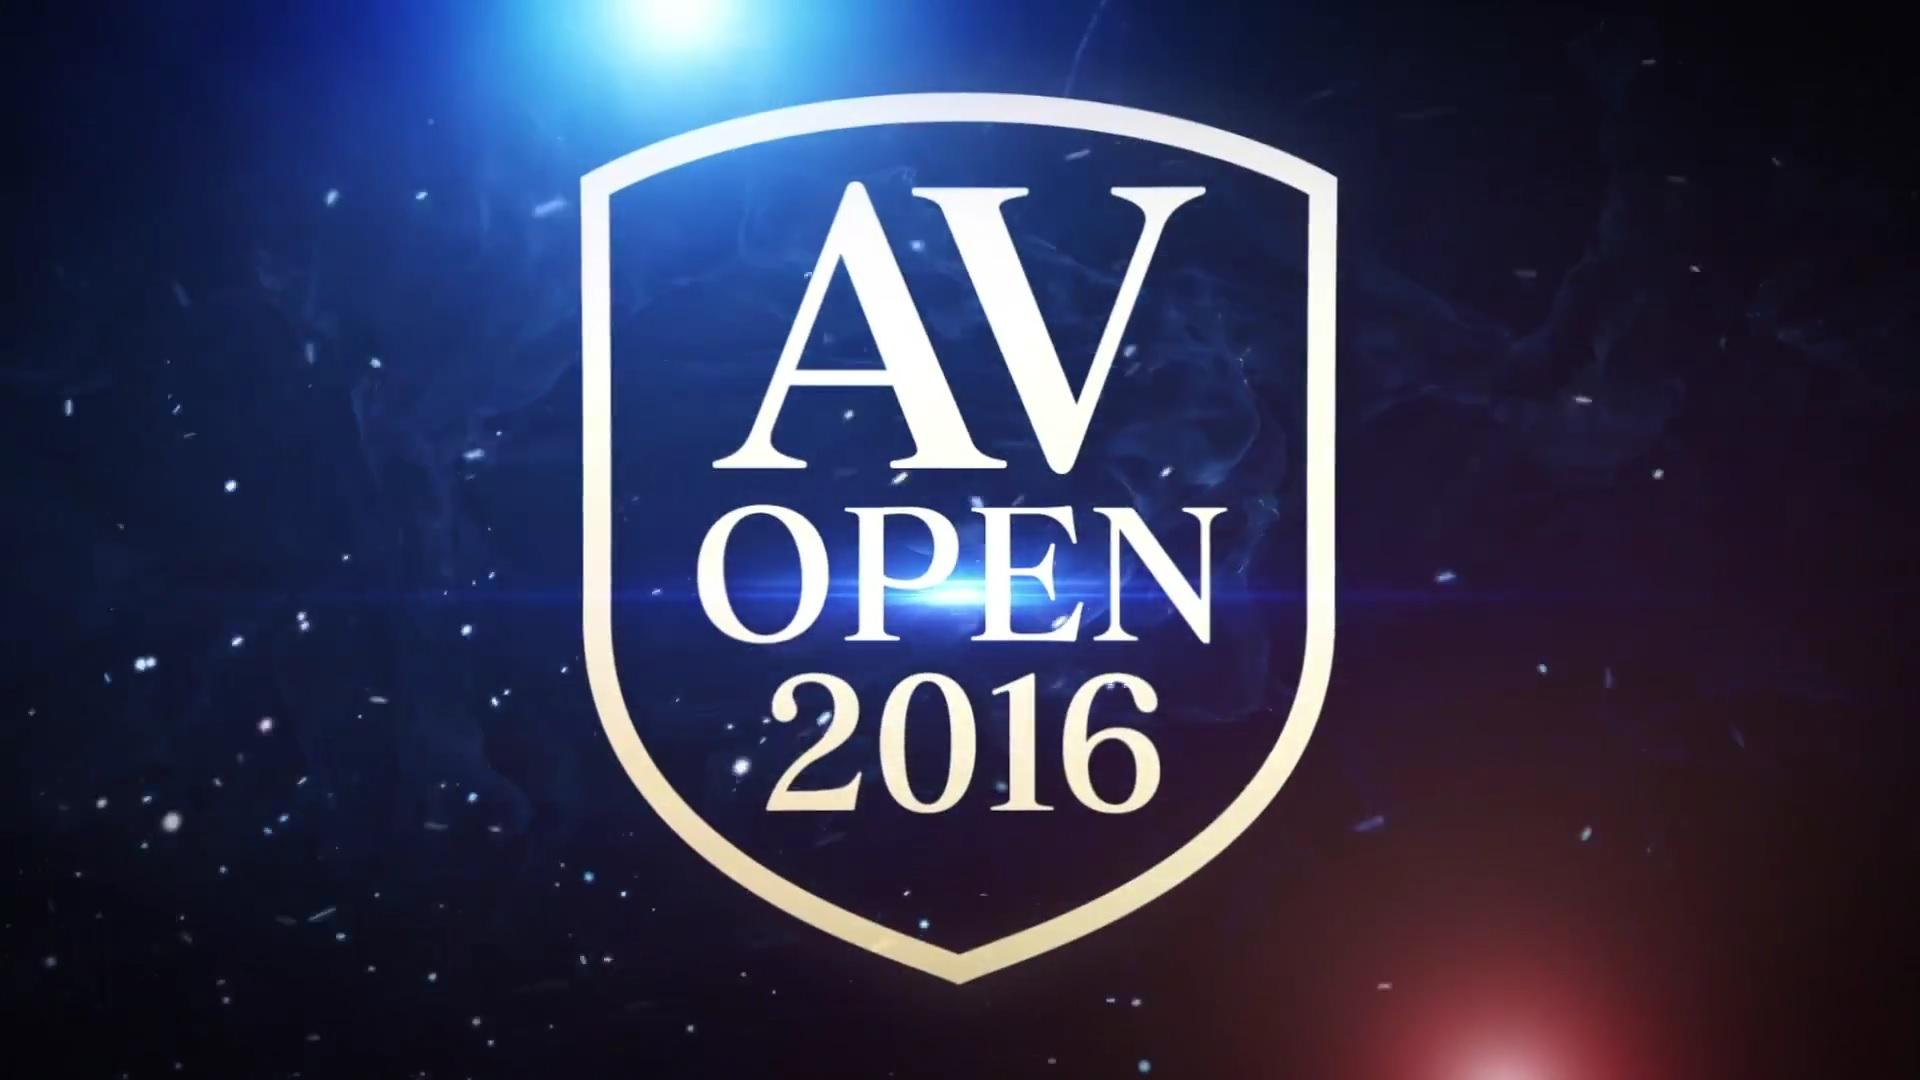 AVOPEN2016開催決定